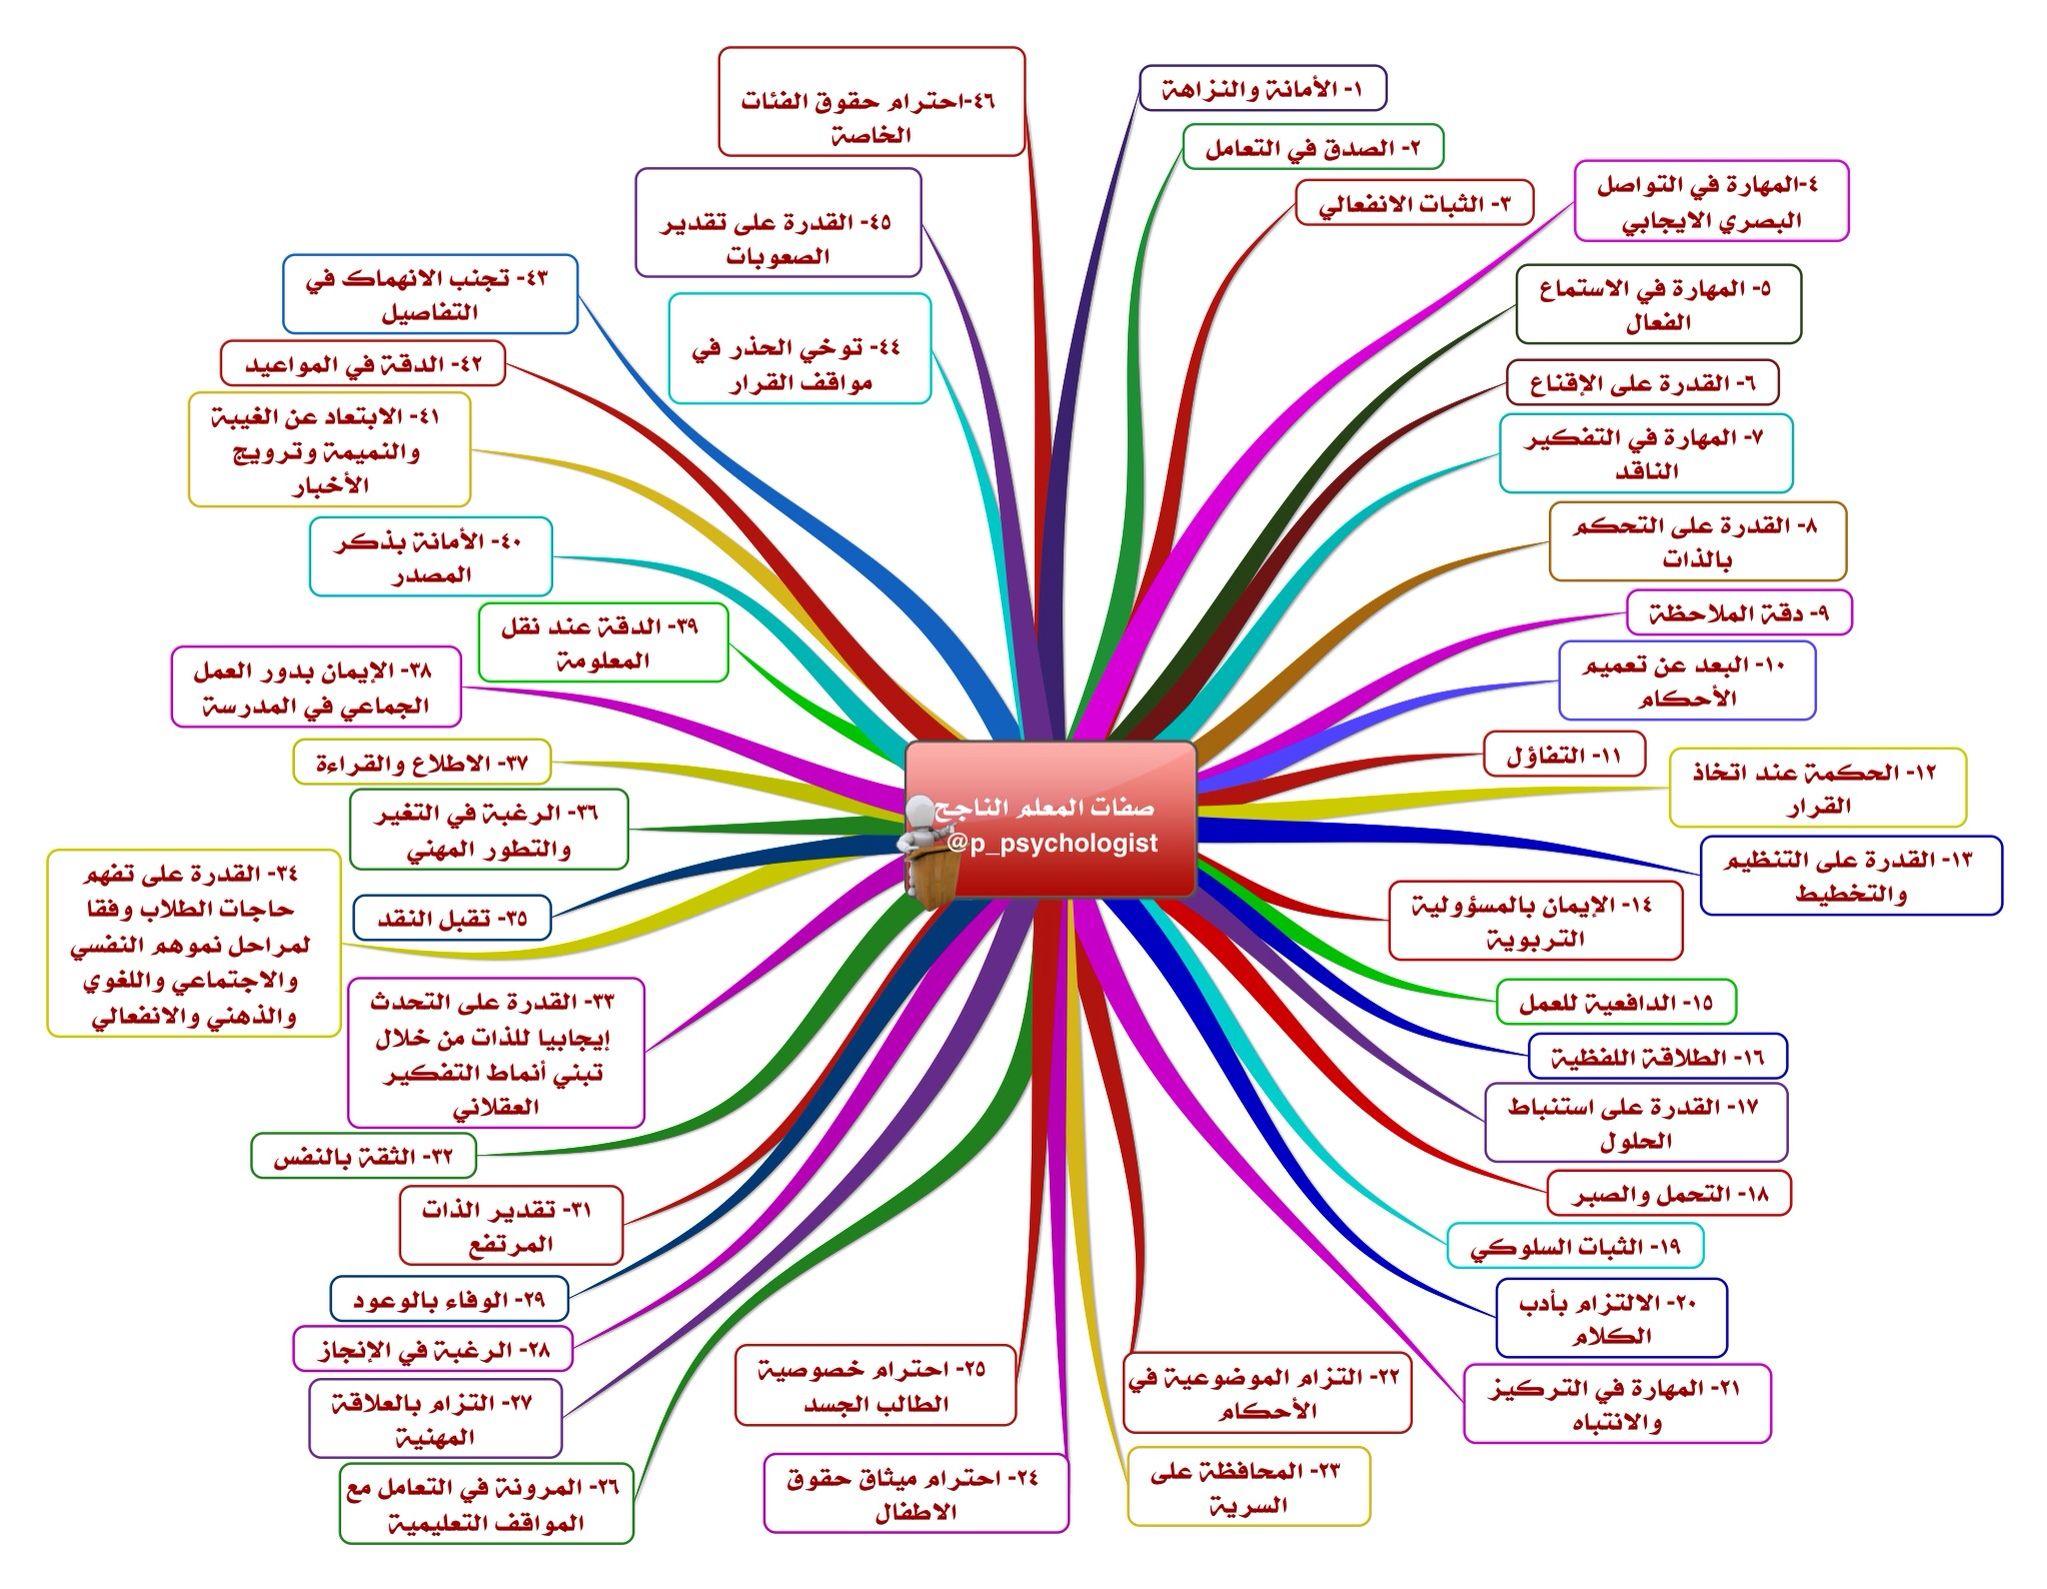 صفات المعلم الناجح تغريدات لـ علم النفس لطفلك R Psychologist Classroom Rules Knowledge Classroom